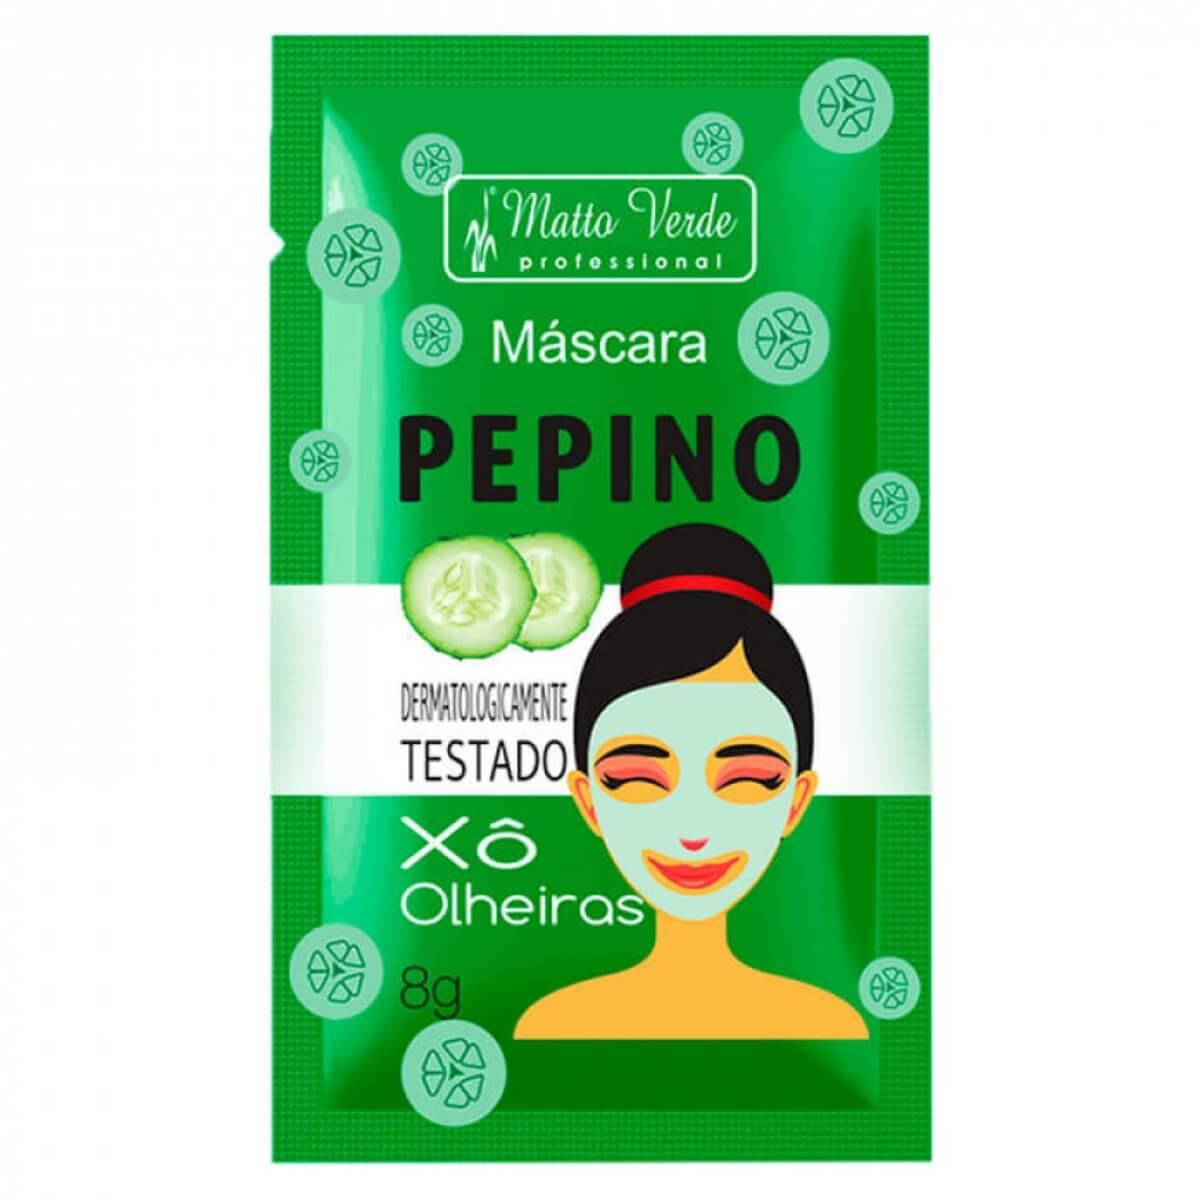 Mascara Pepino Xo Olheiras Matto Verde 8gr